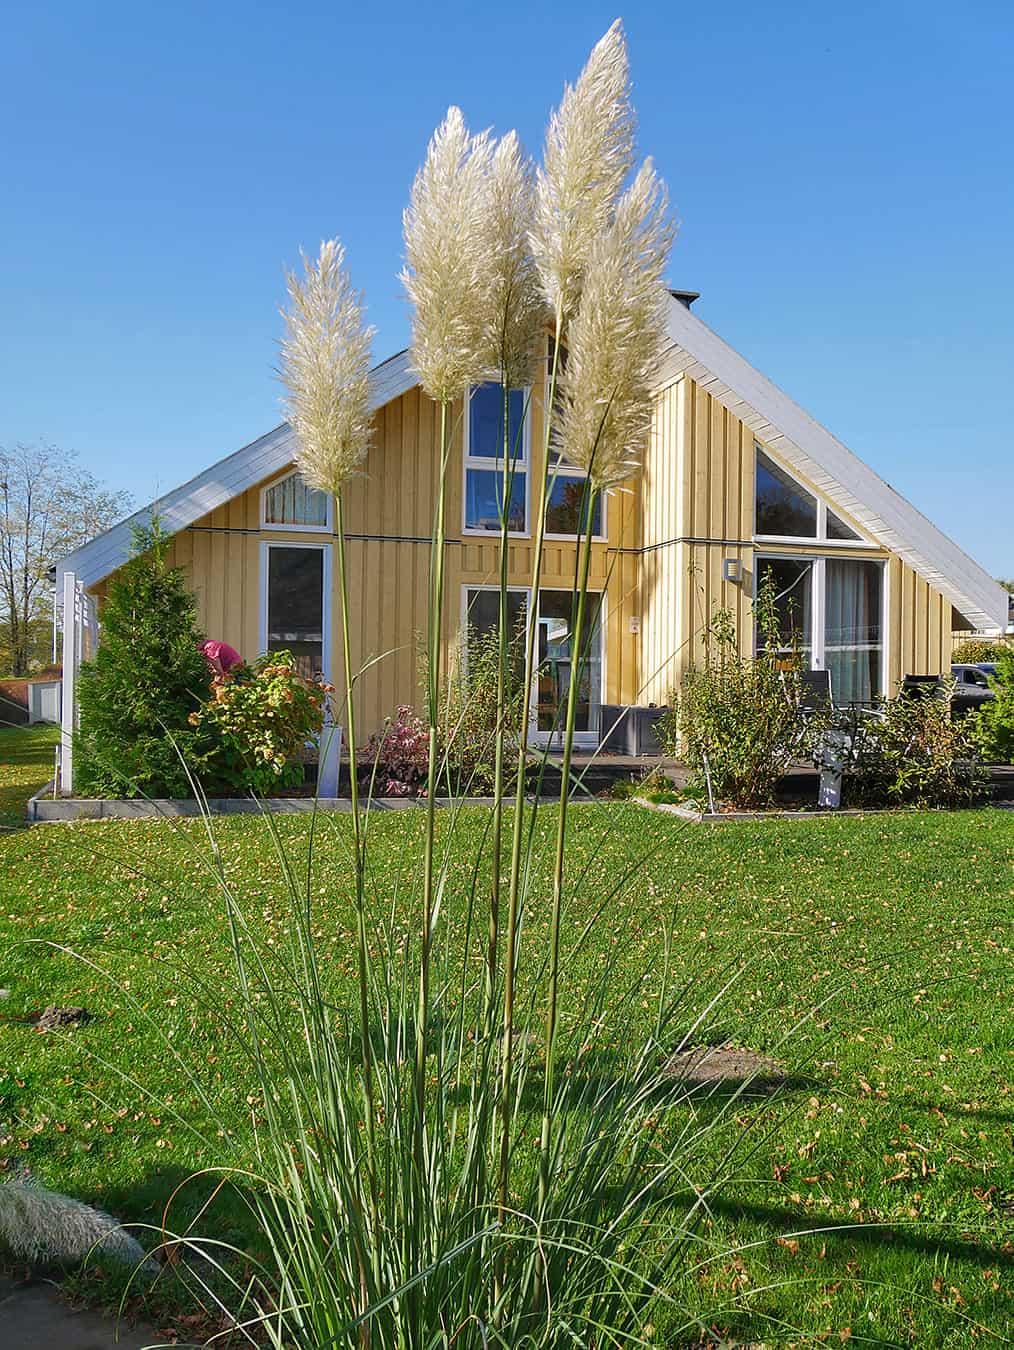 Ferienhaus Seeperle XL mit Whirlpool inkl. Nebenkosten in Wendisch Rietz